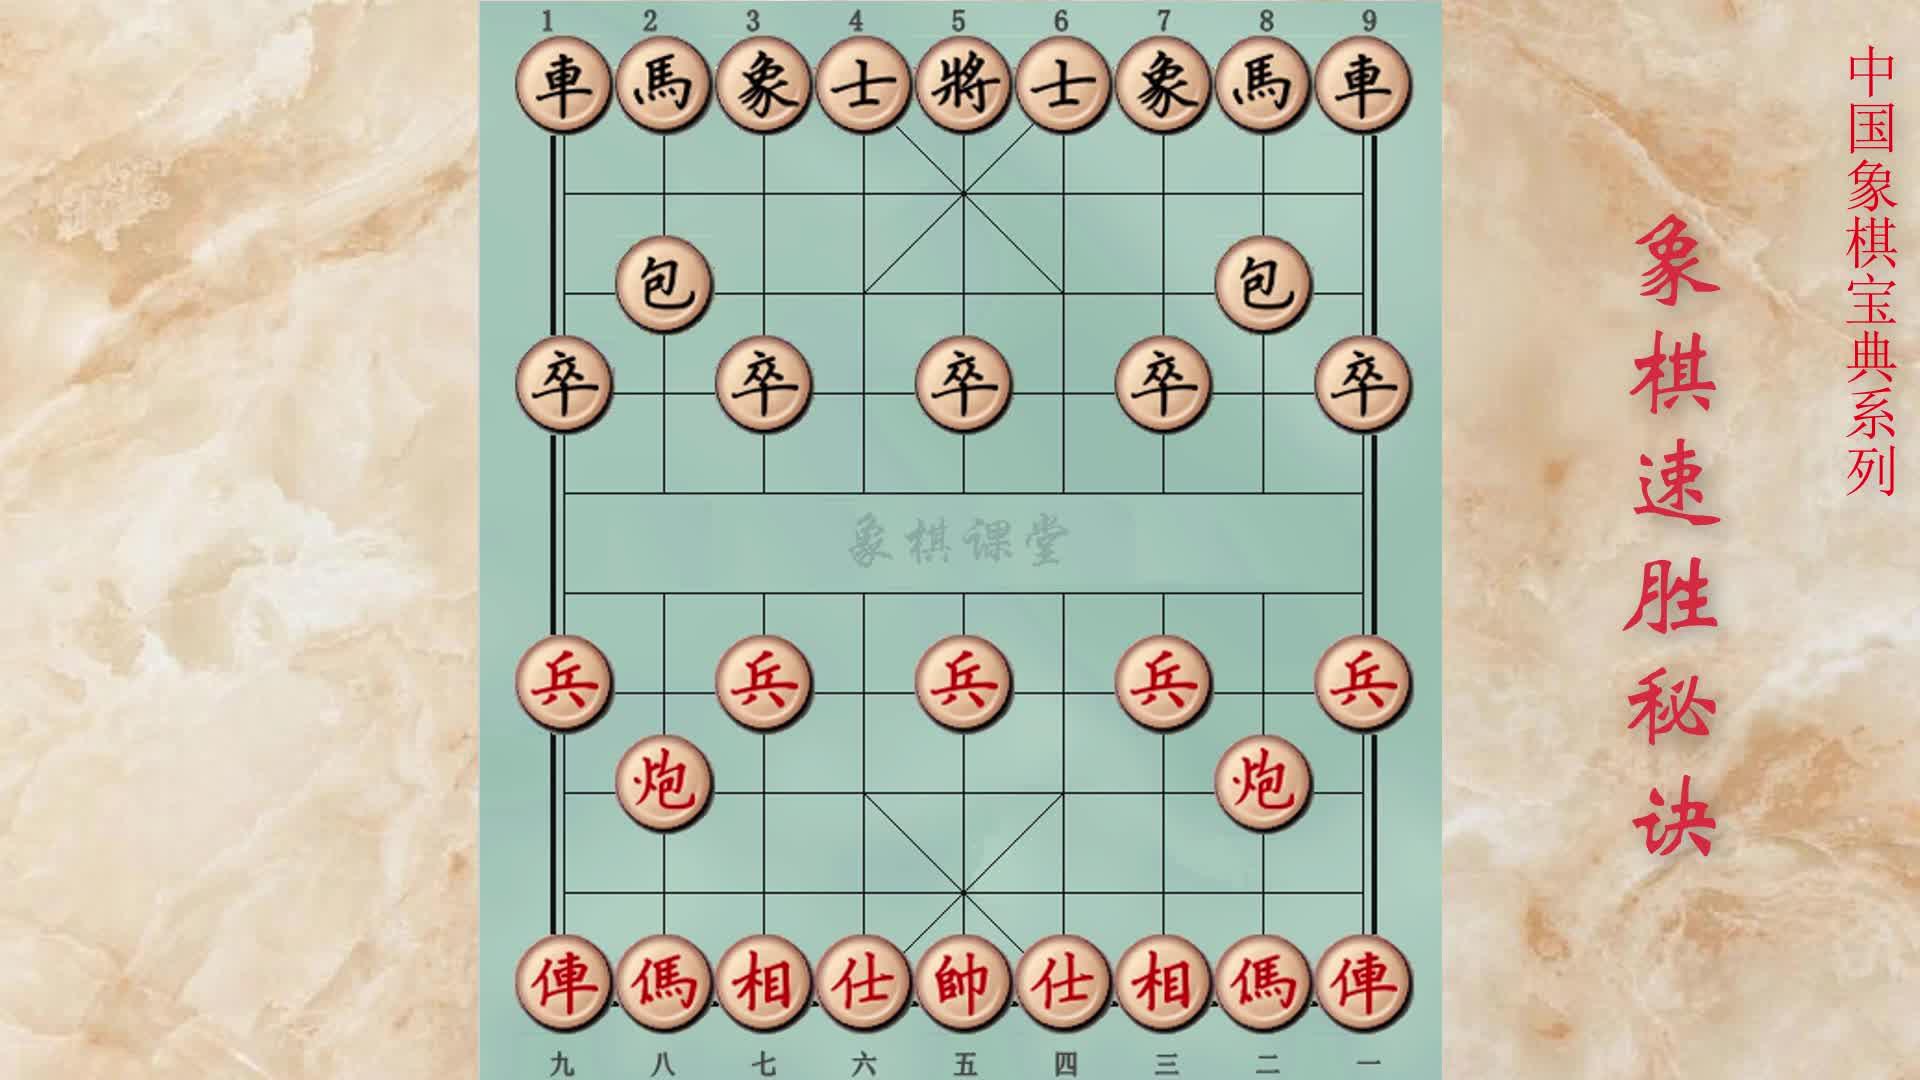 41象棋速胜秘诀 弃车砍炮 双车任马吃